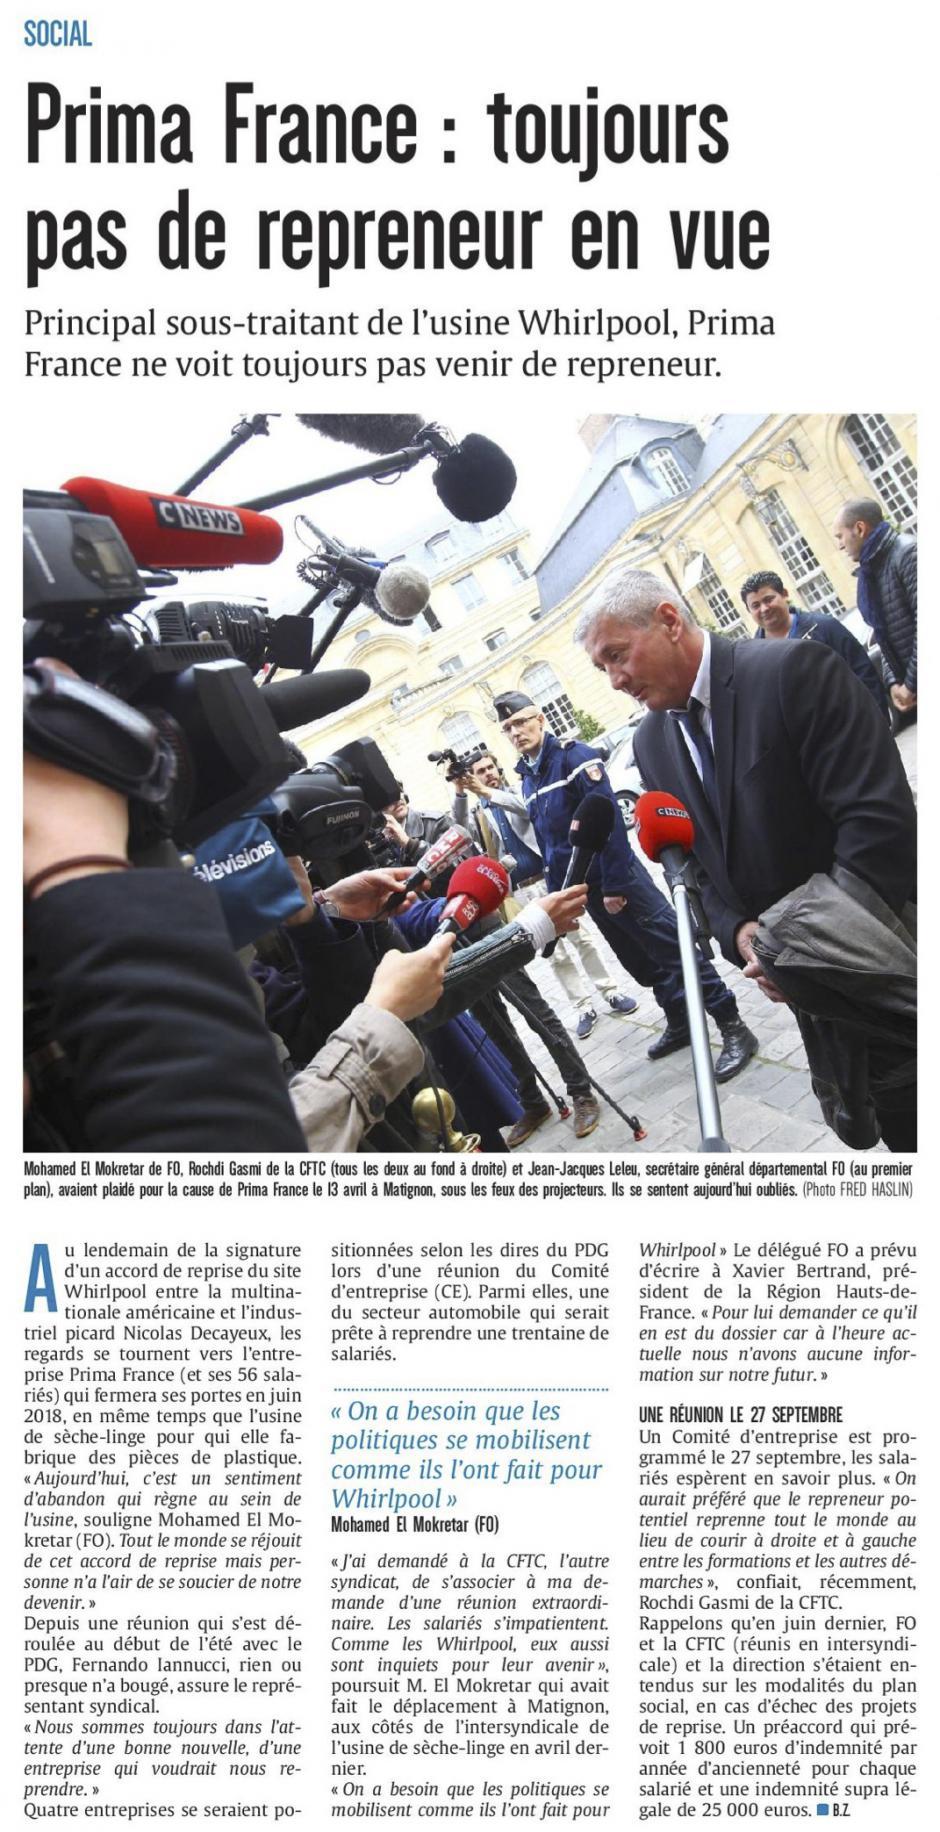 20170915-CP-Amiens-Prima France : toujours pas de repreneur en vue [édition Amiens]